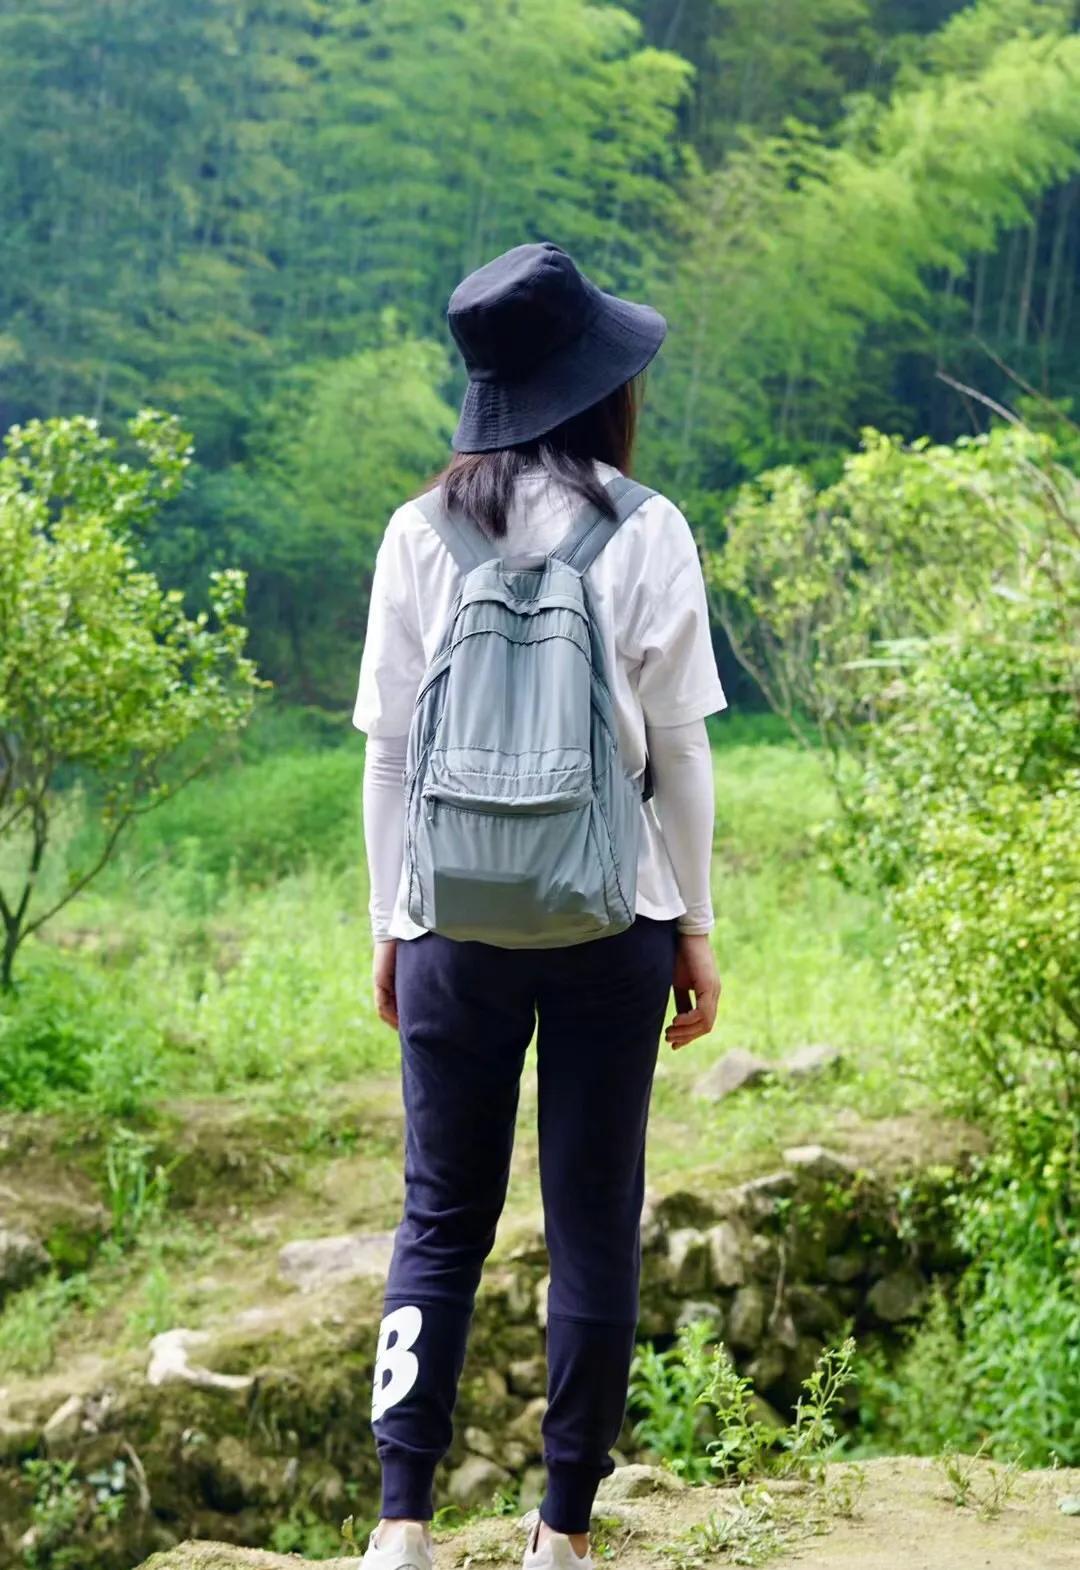 广州最美徒步线(可能没有之一):星溪线 徒步攻略